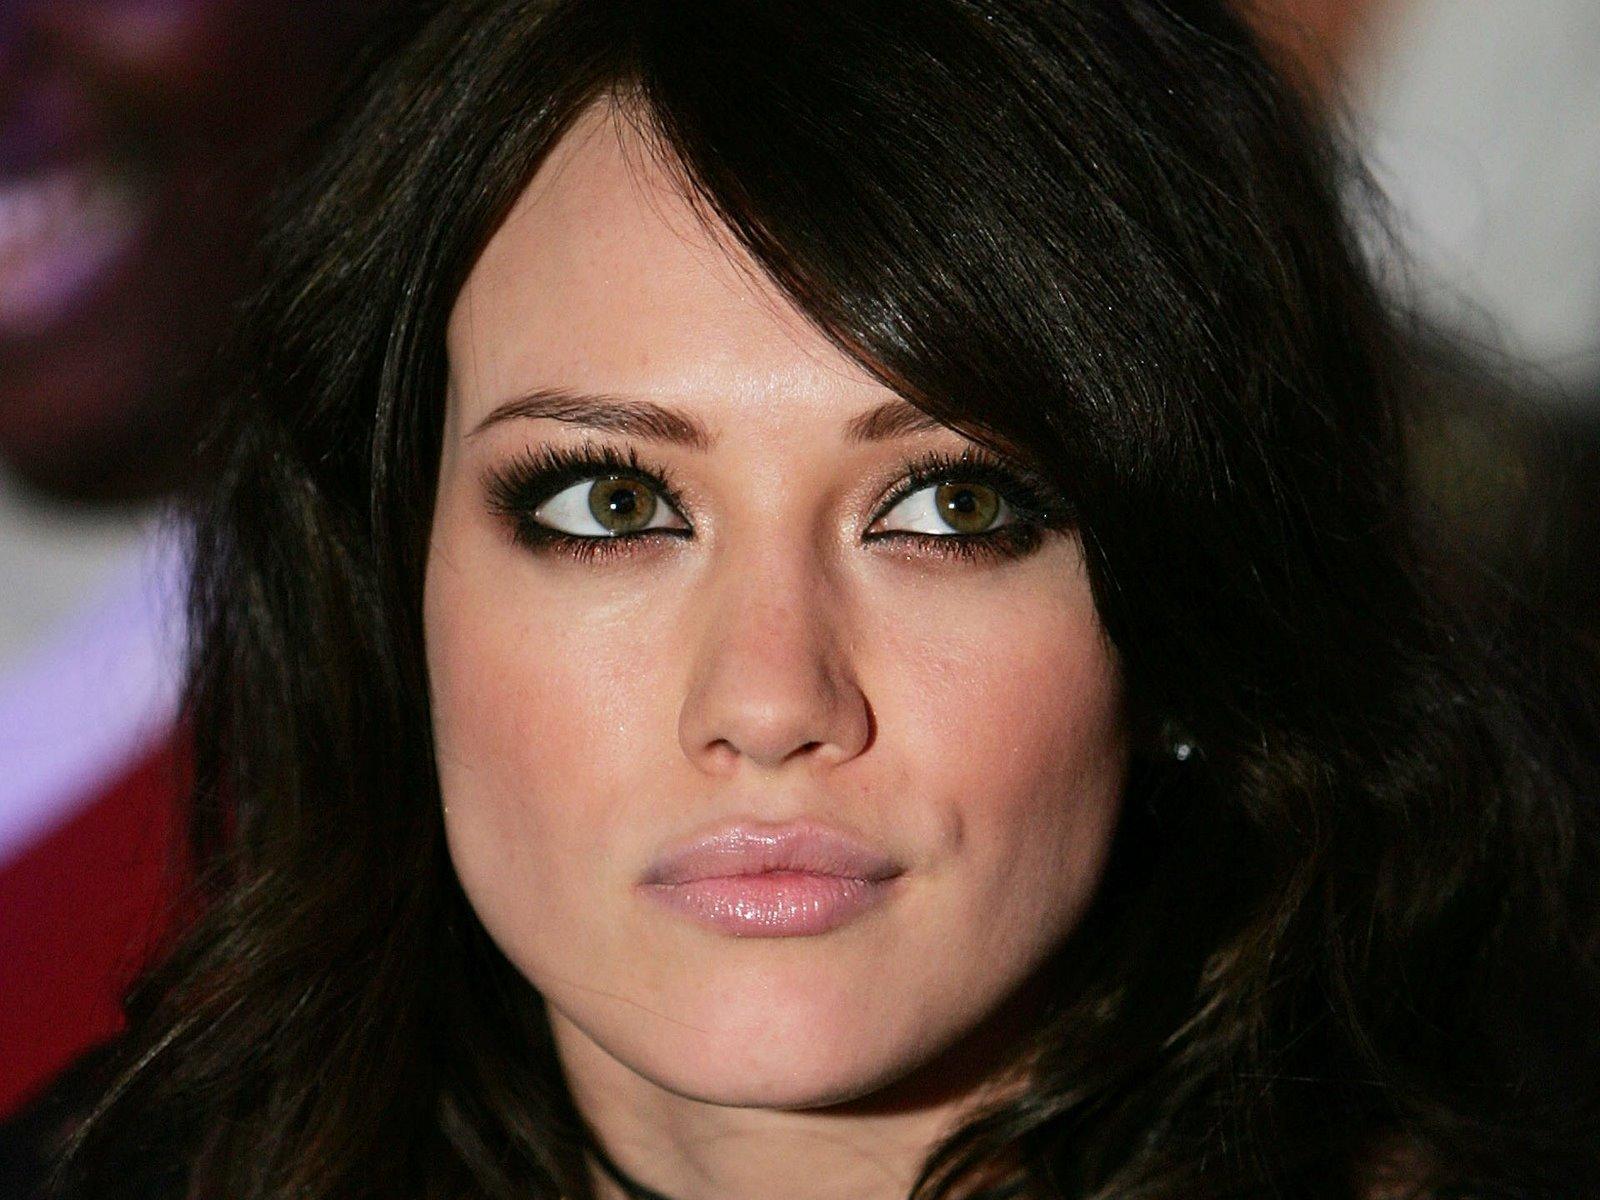 Брюнетка с зелеными глазами и светлой кожей макияж фото